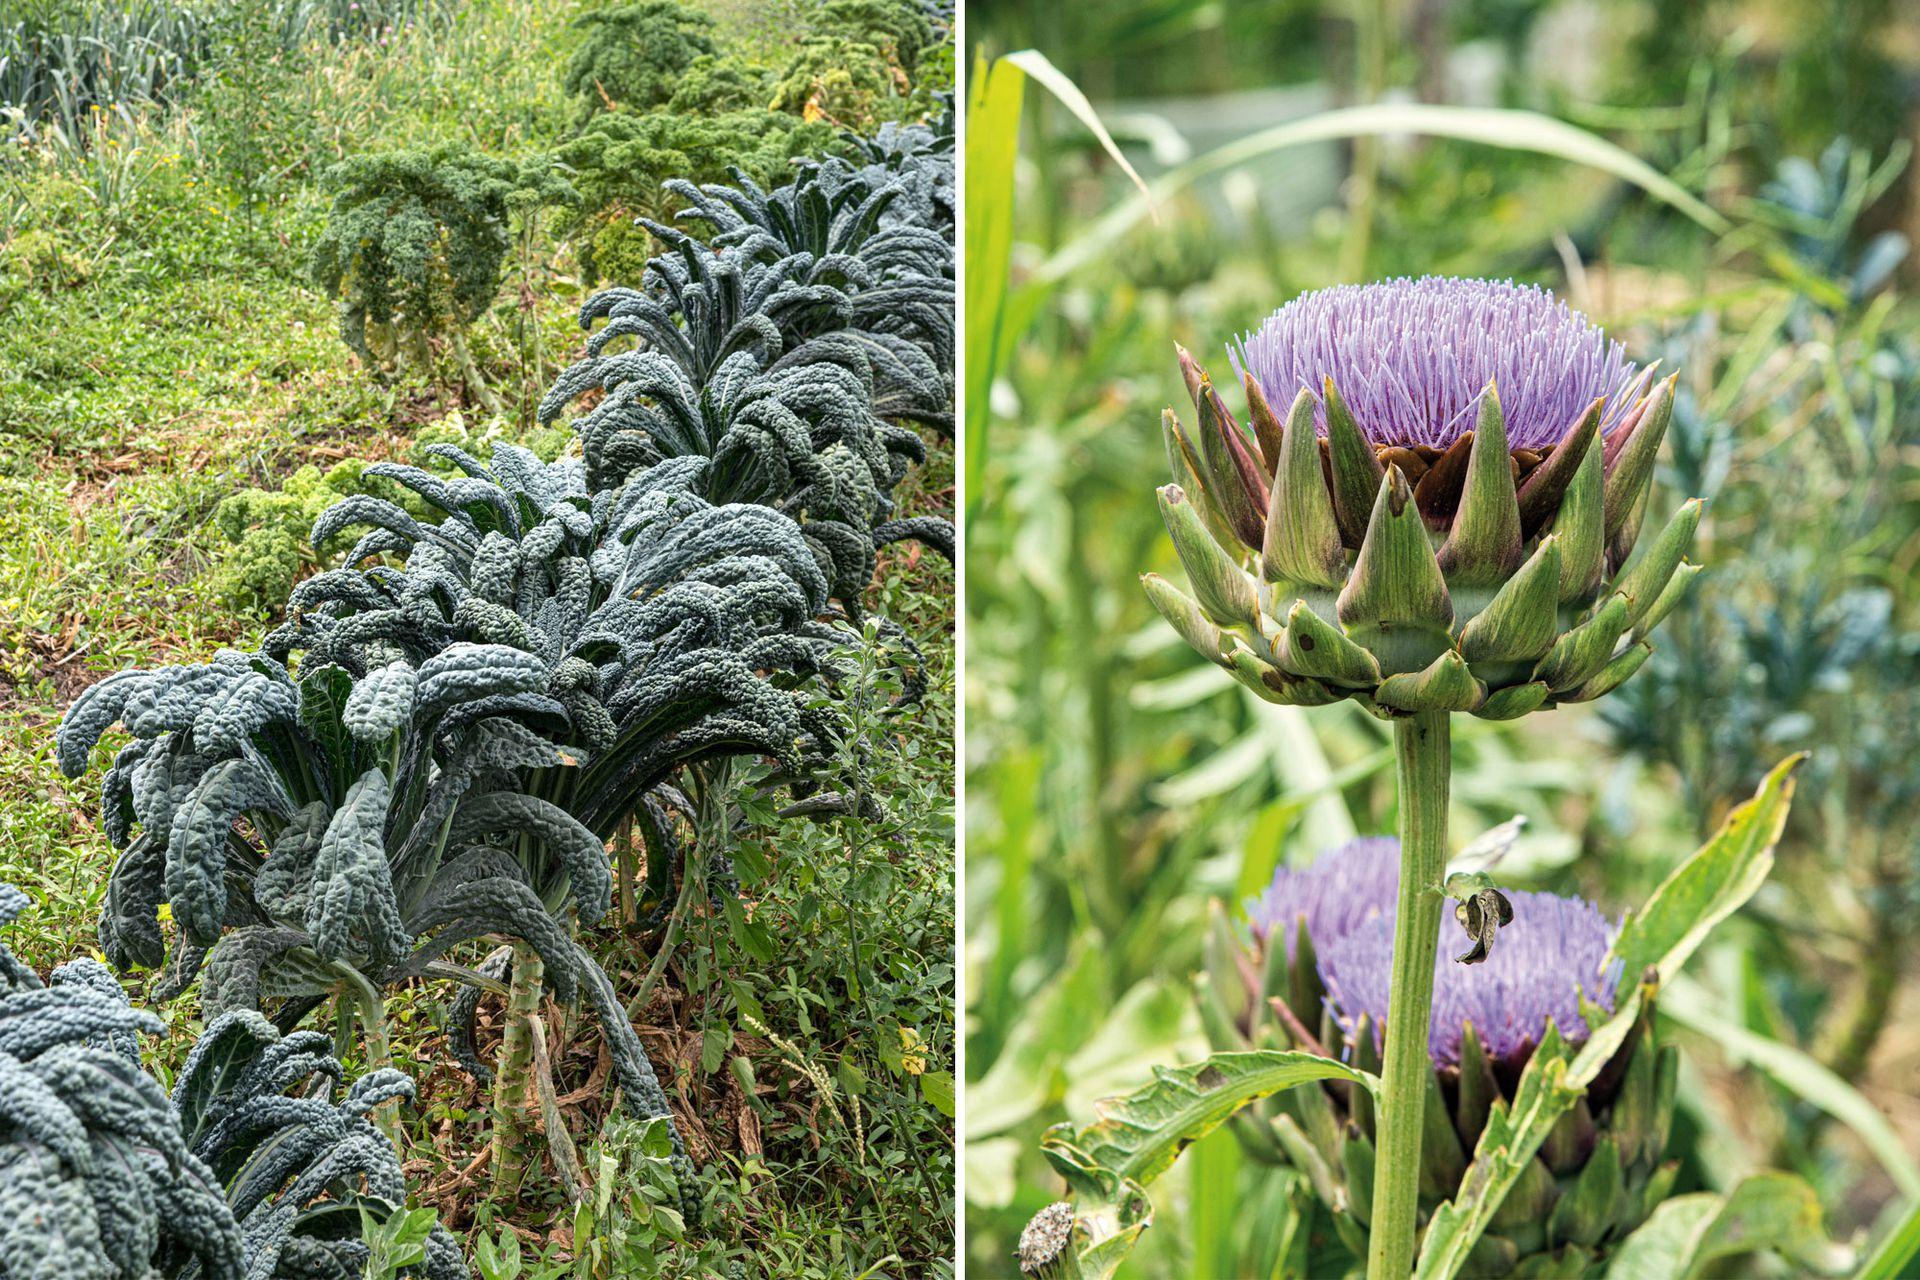 Izquierda: Kales a pleno en la huerta del predio. A la derecha, flor del alcaucil, de la variedad violeta de Provenza, procedente de Alicante y Murcia; muy apetecida en el mercado francés.